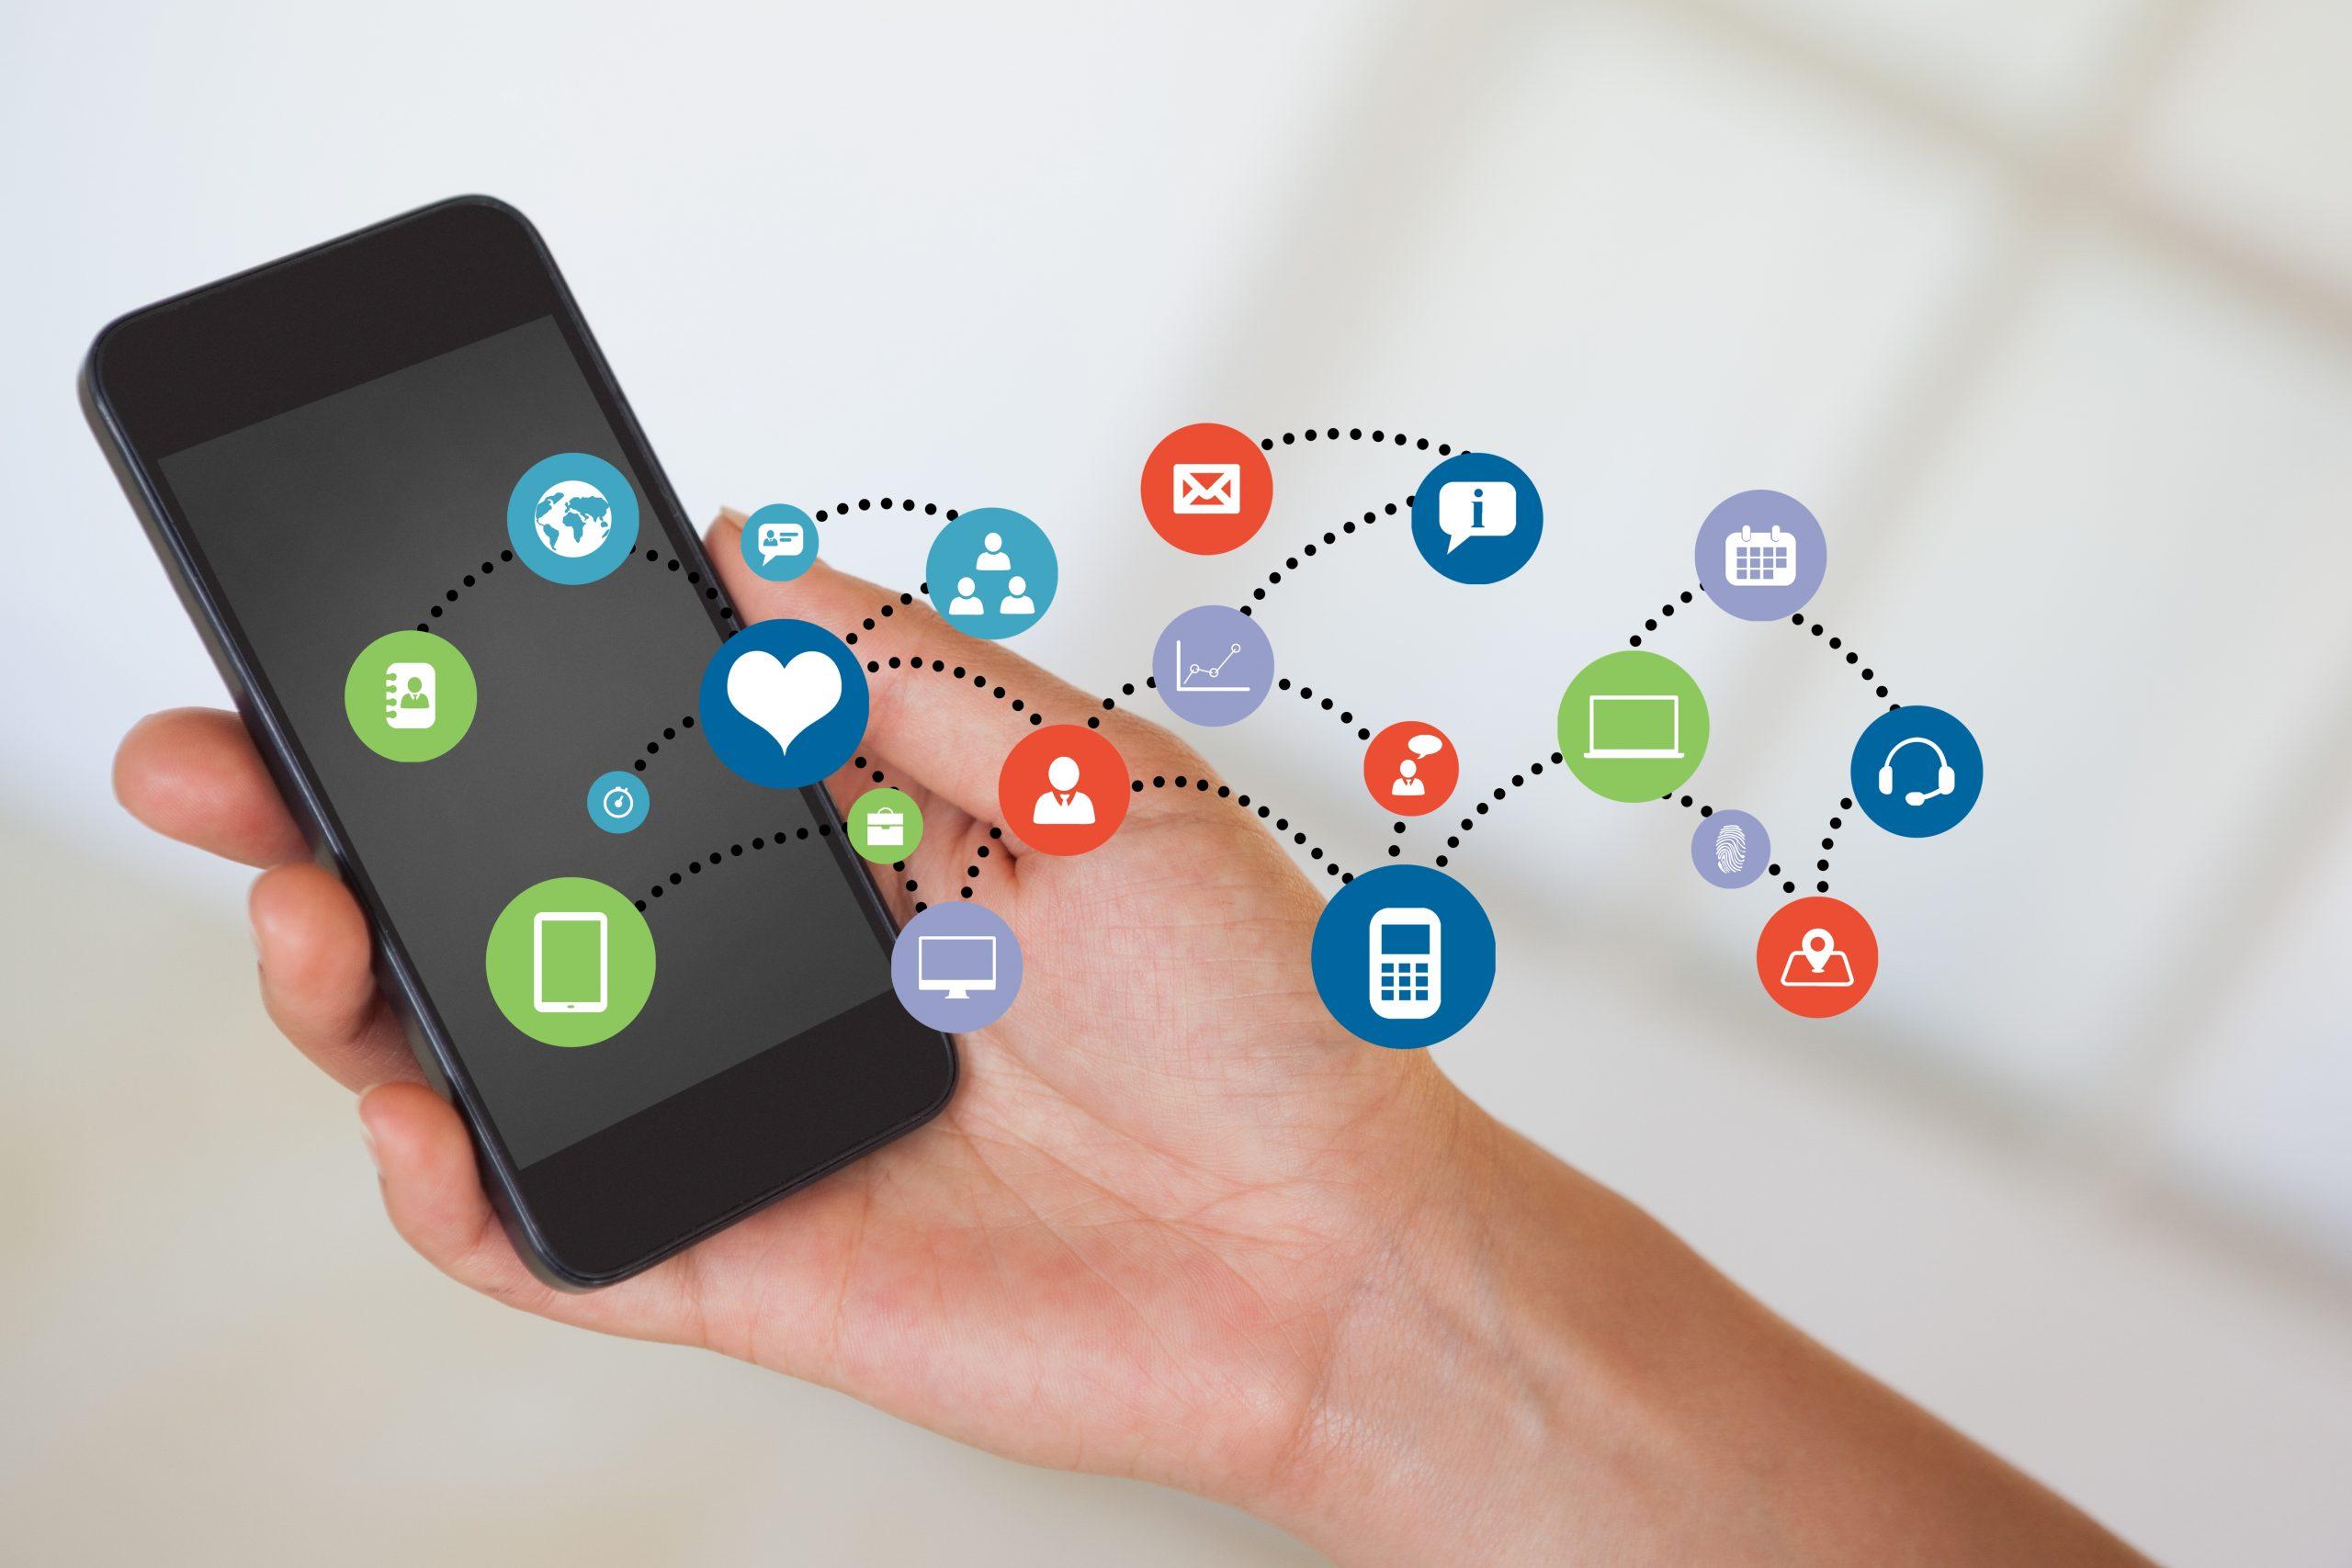 Artigo: Sem tecnologia adequada, boa ideia não se torna app de sucesso